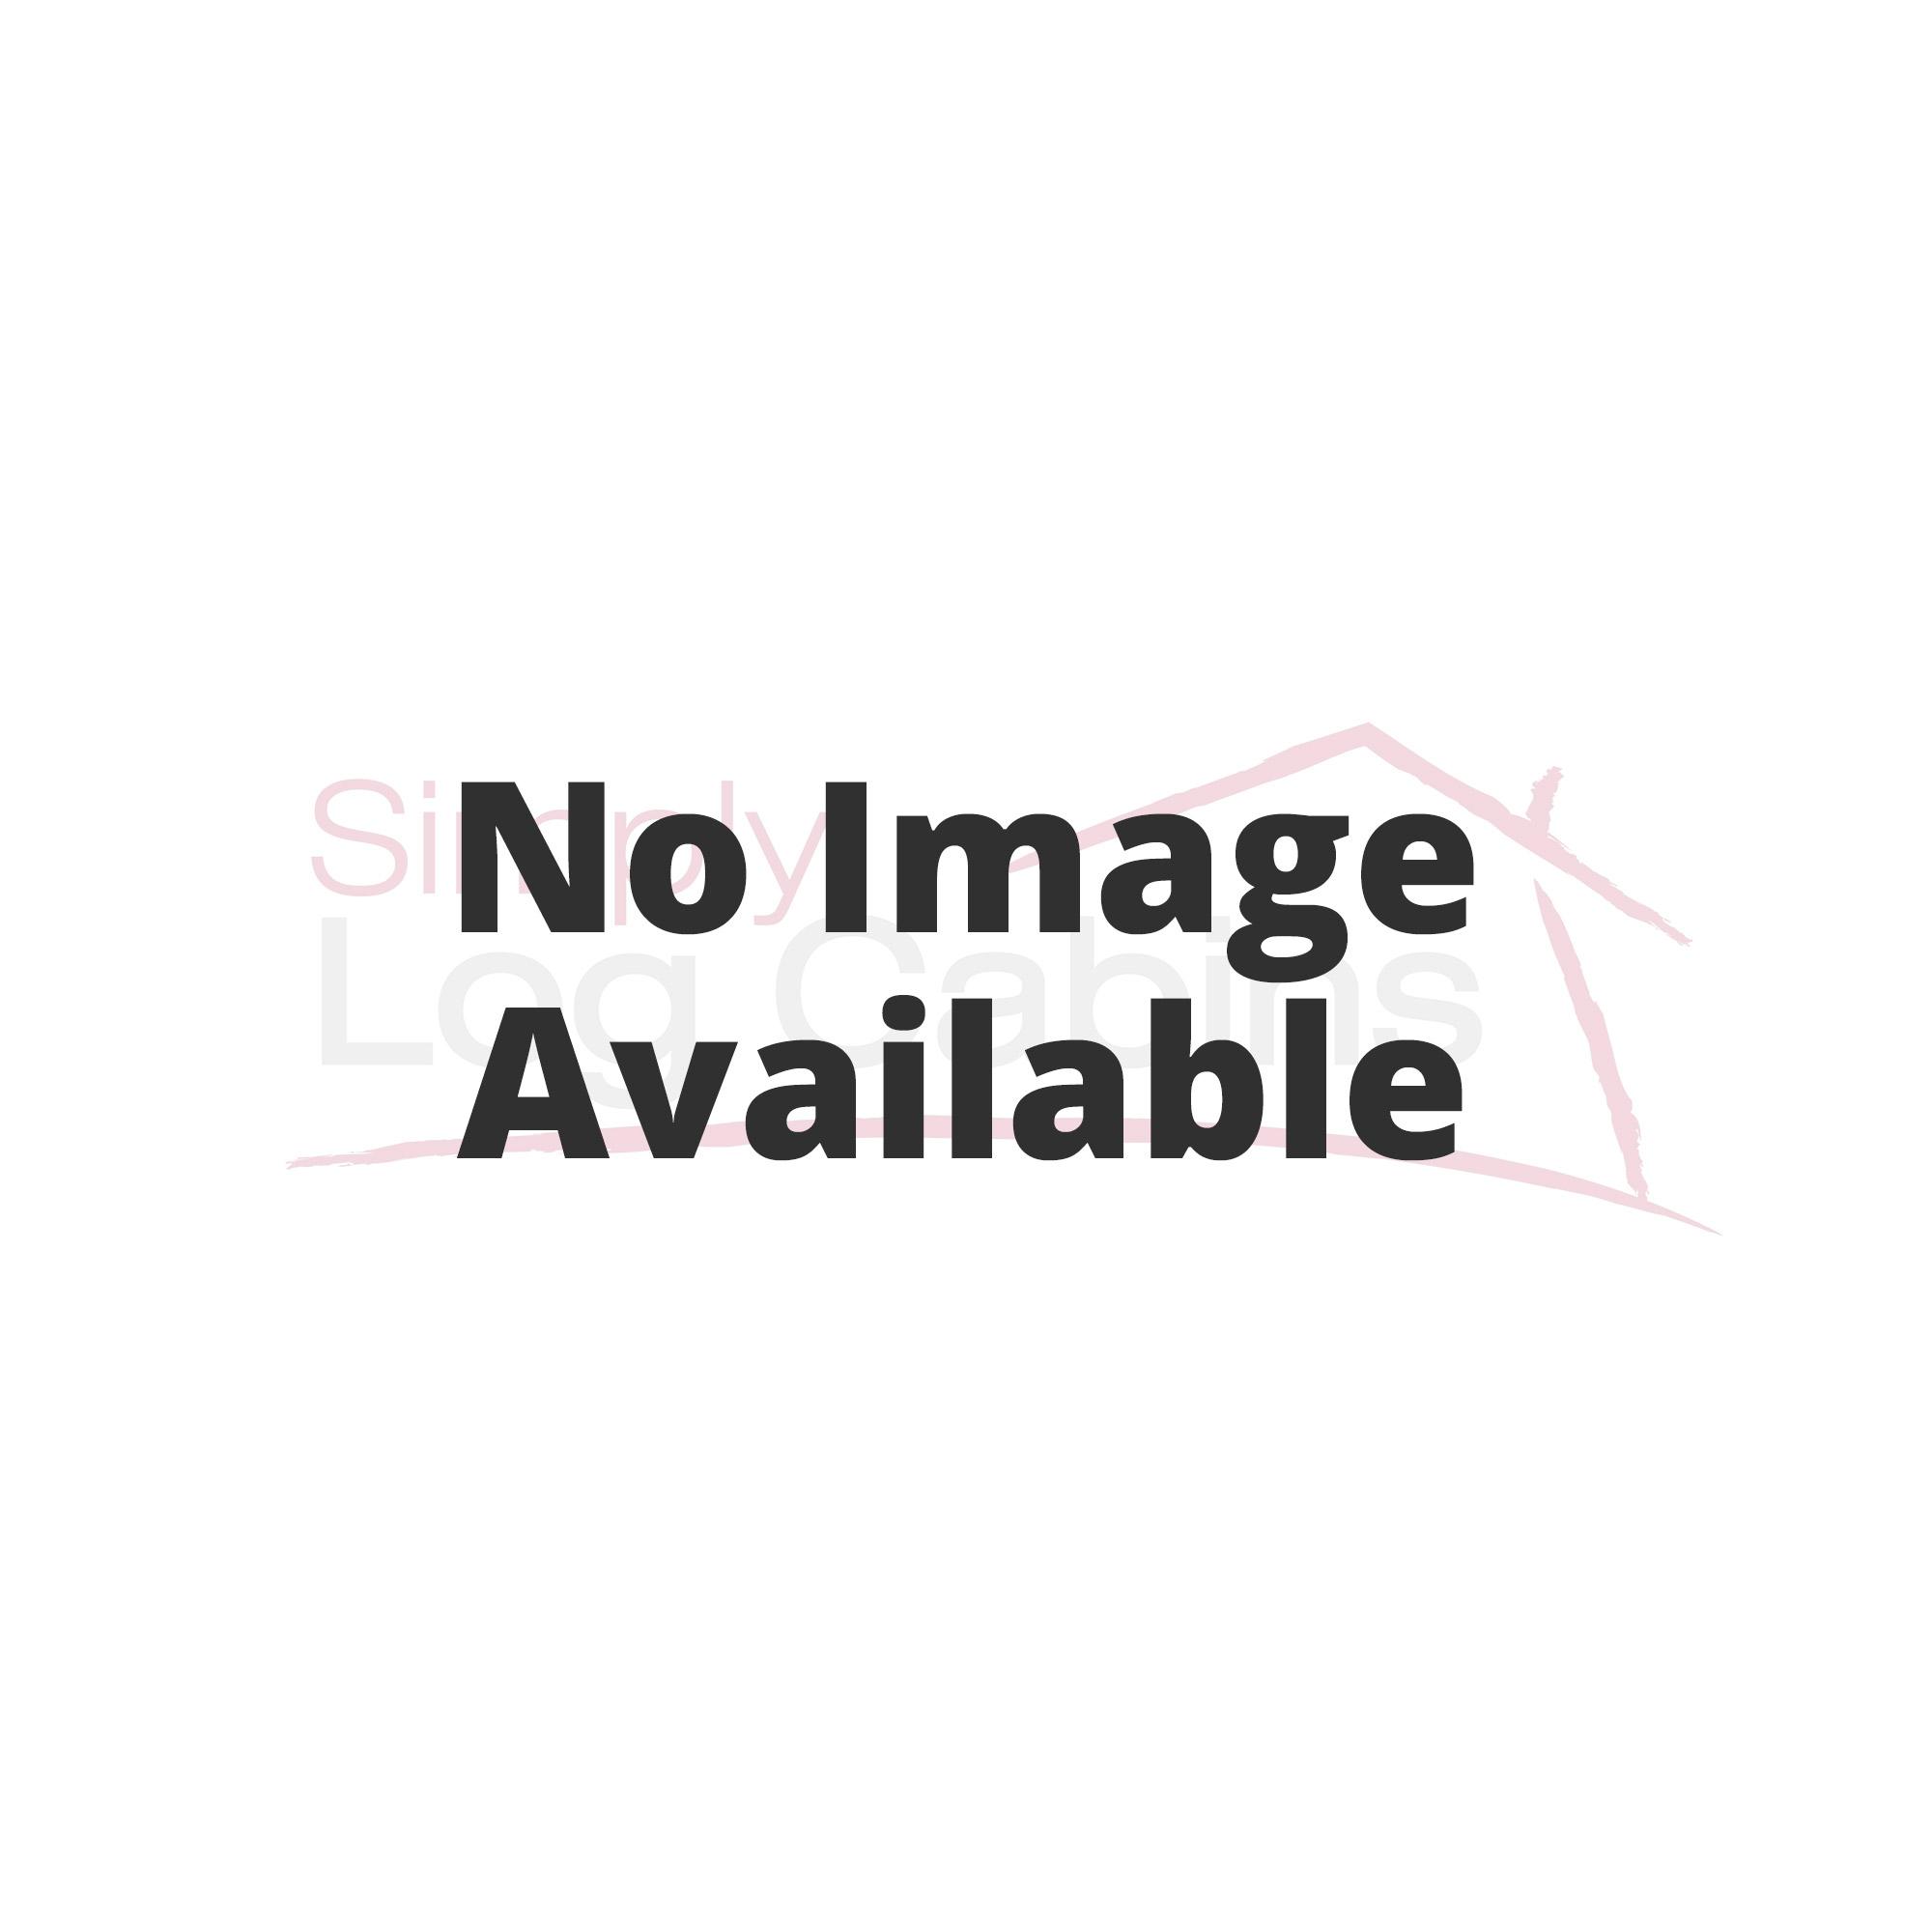 garden log bulldog british made cabins logcabins dog hand bull cabin